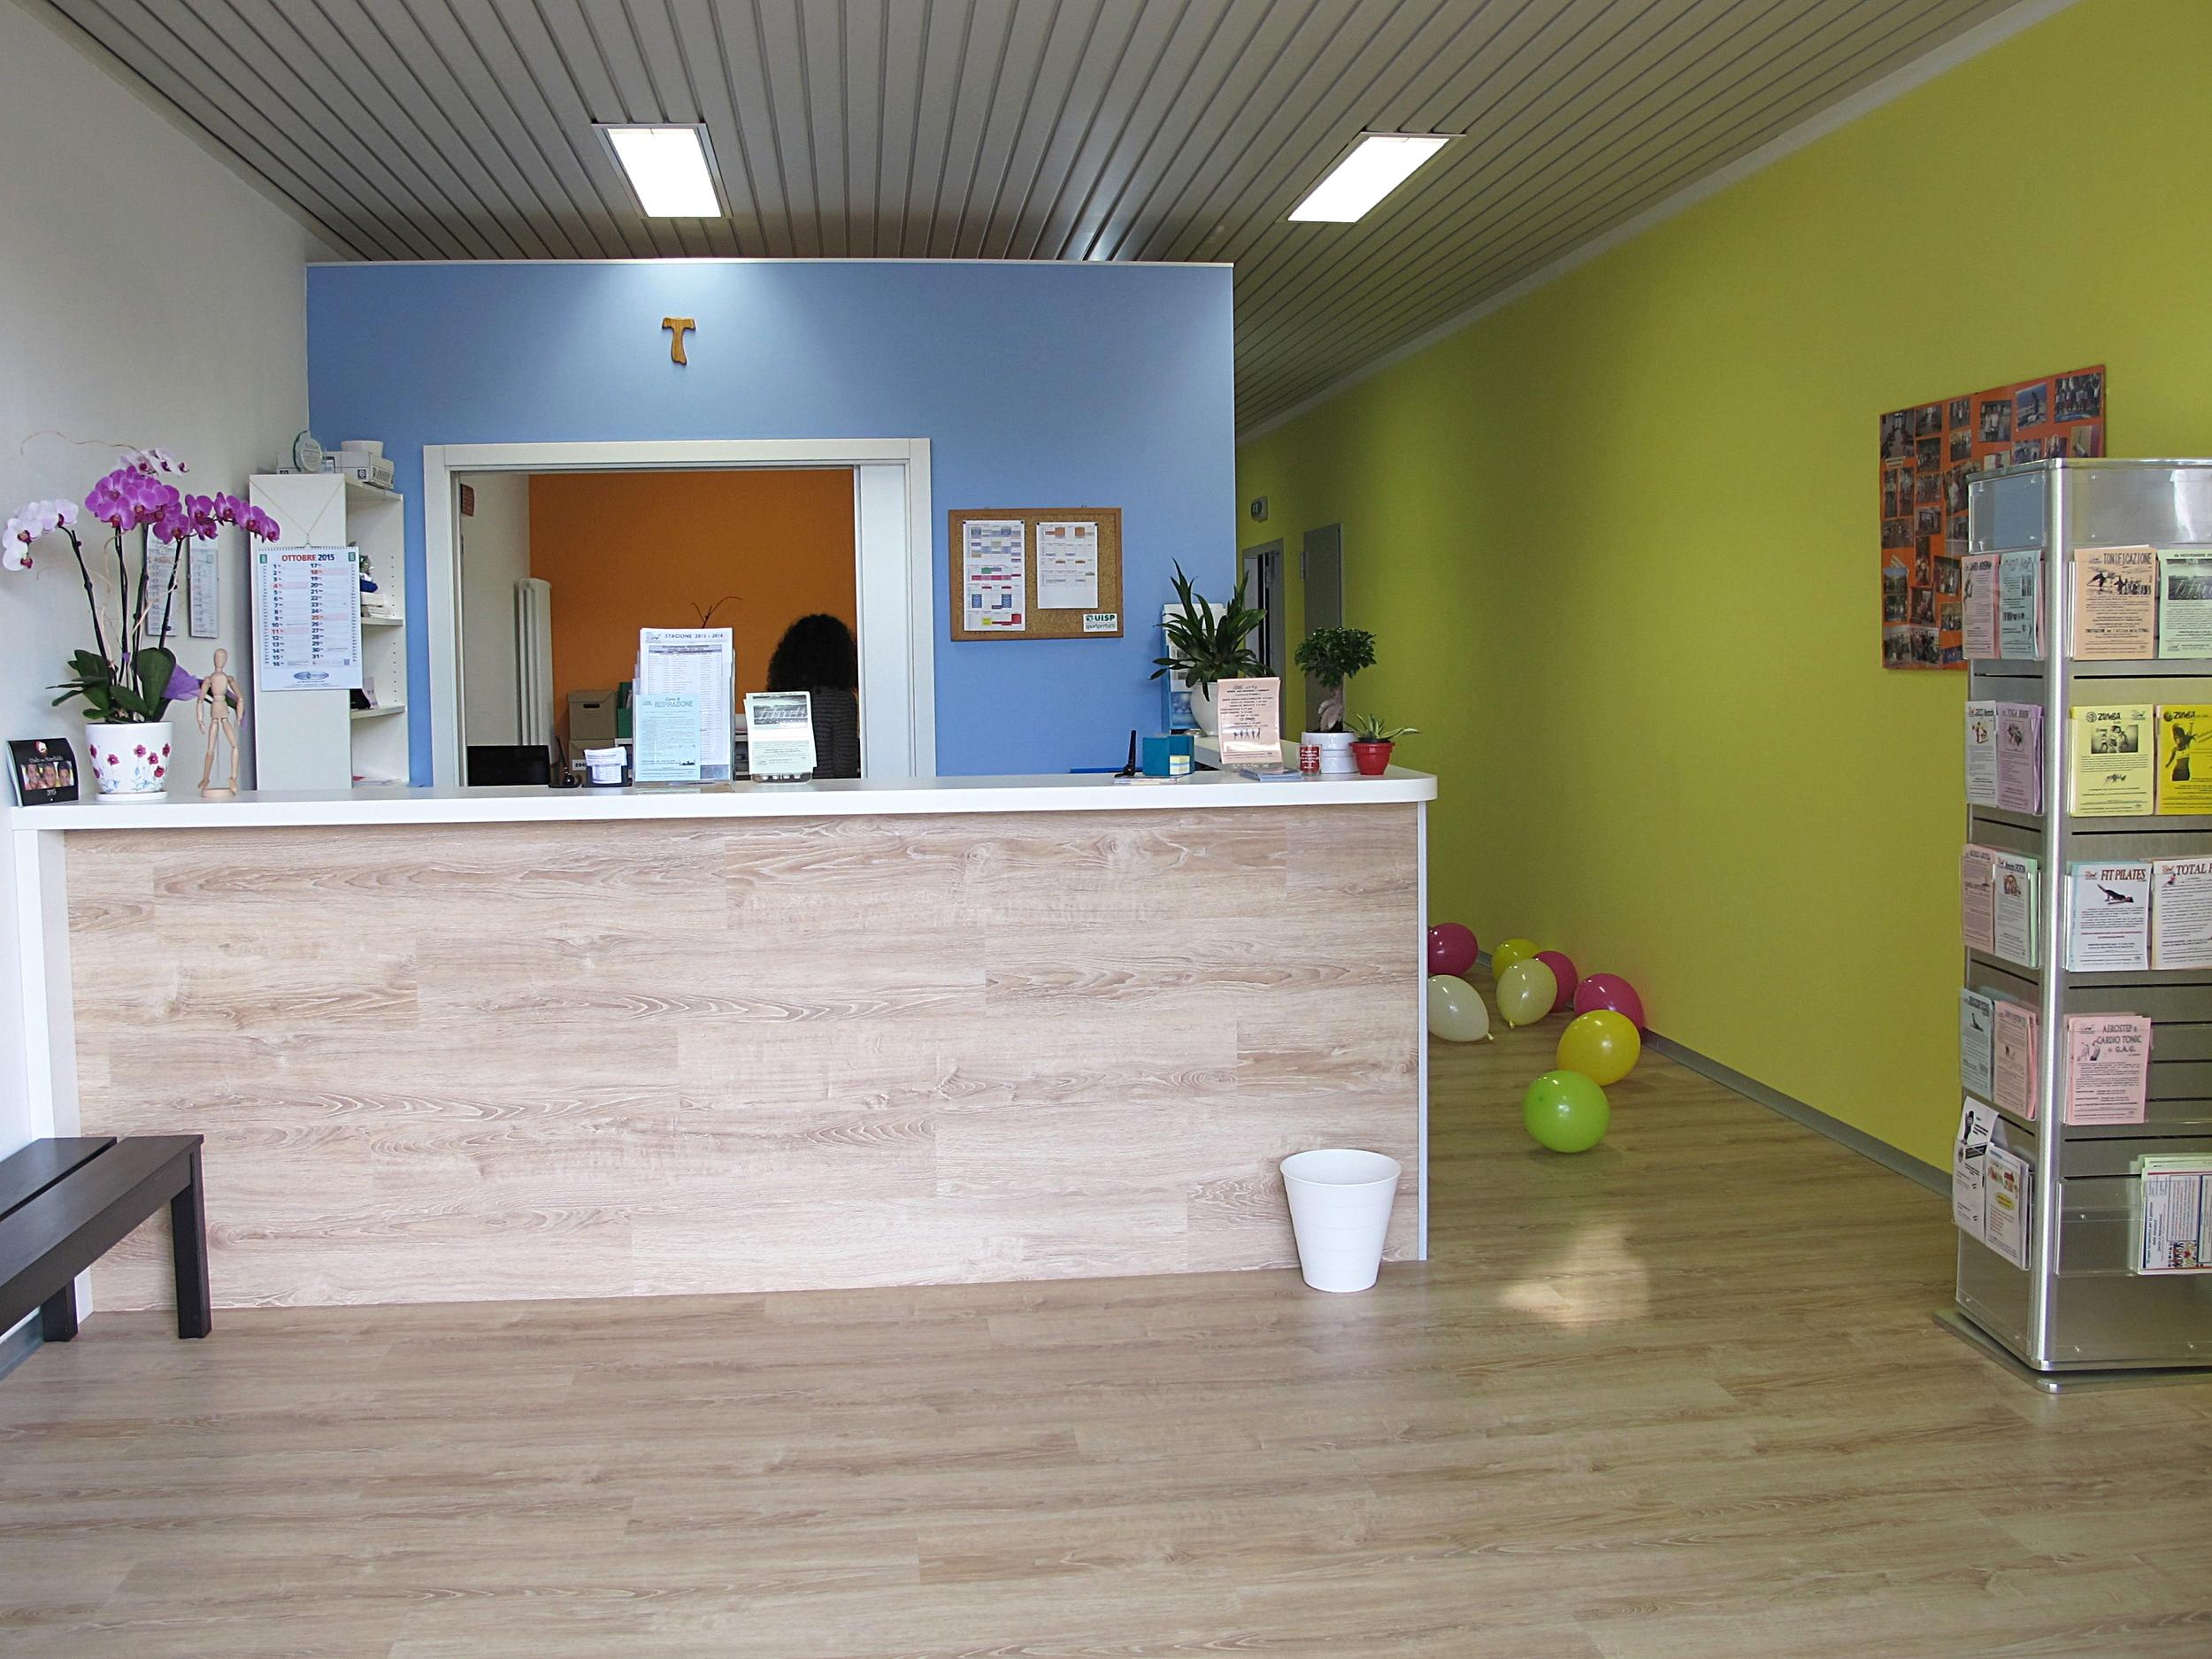 PSV POLISPORTIVA sede.JPG